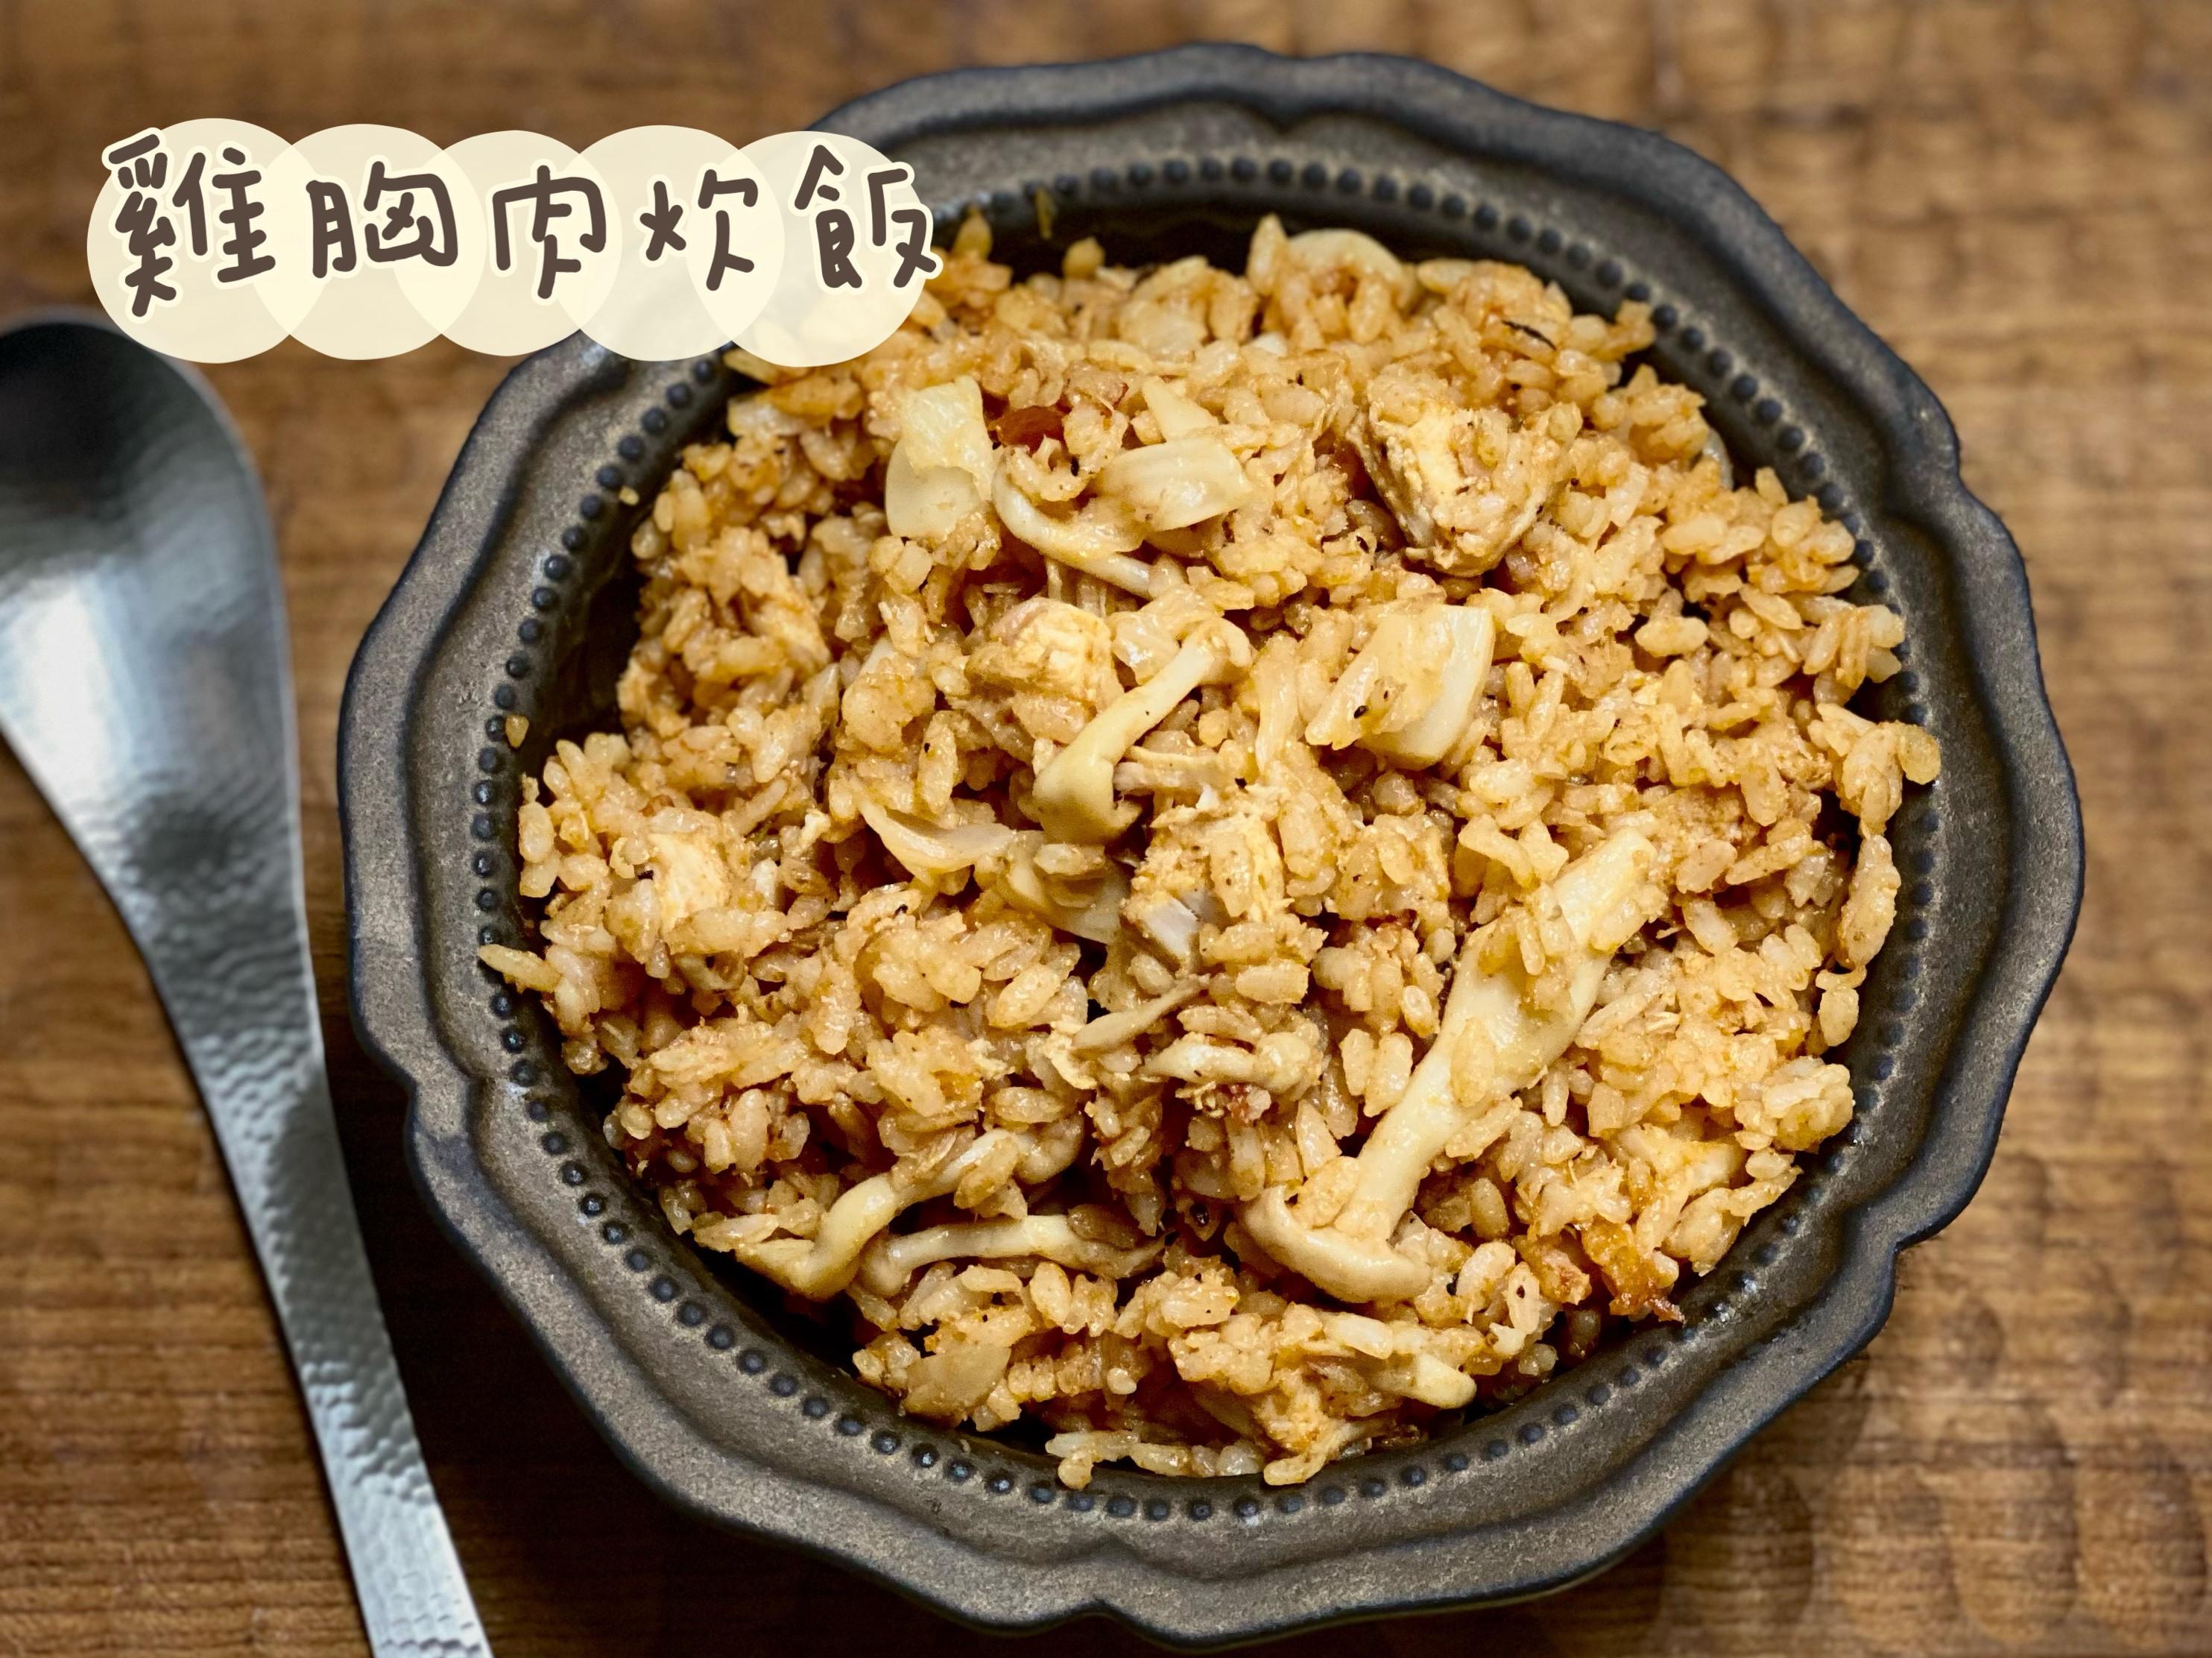 雞胸肉炊飯(飛利浦微電鍋)